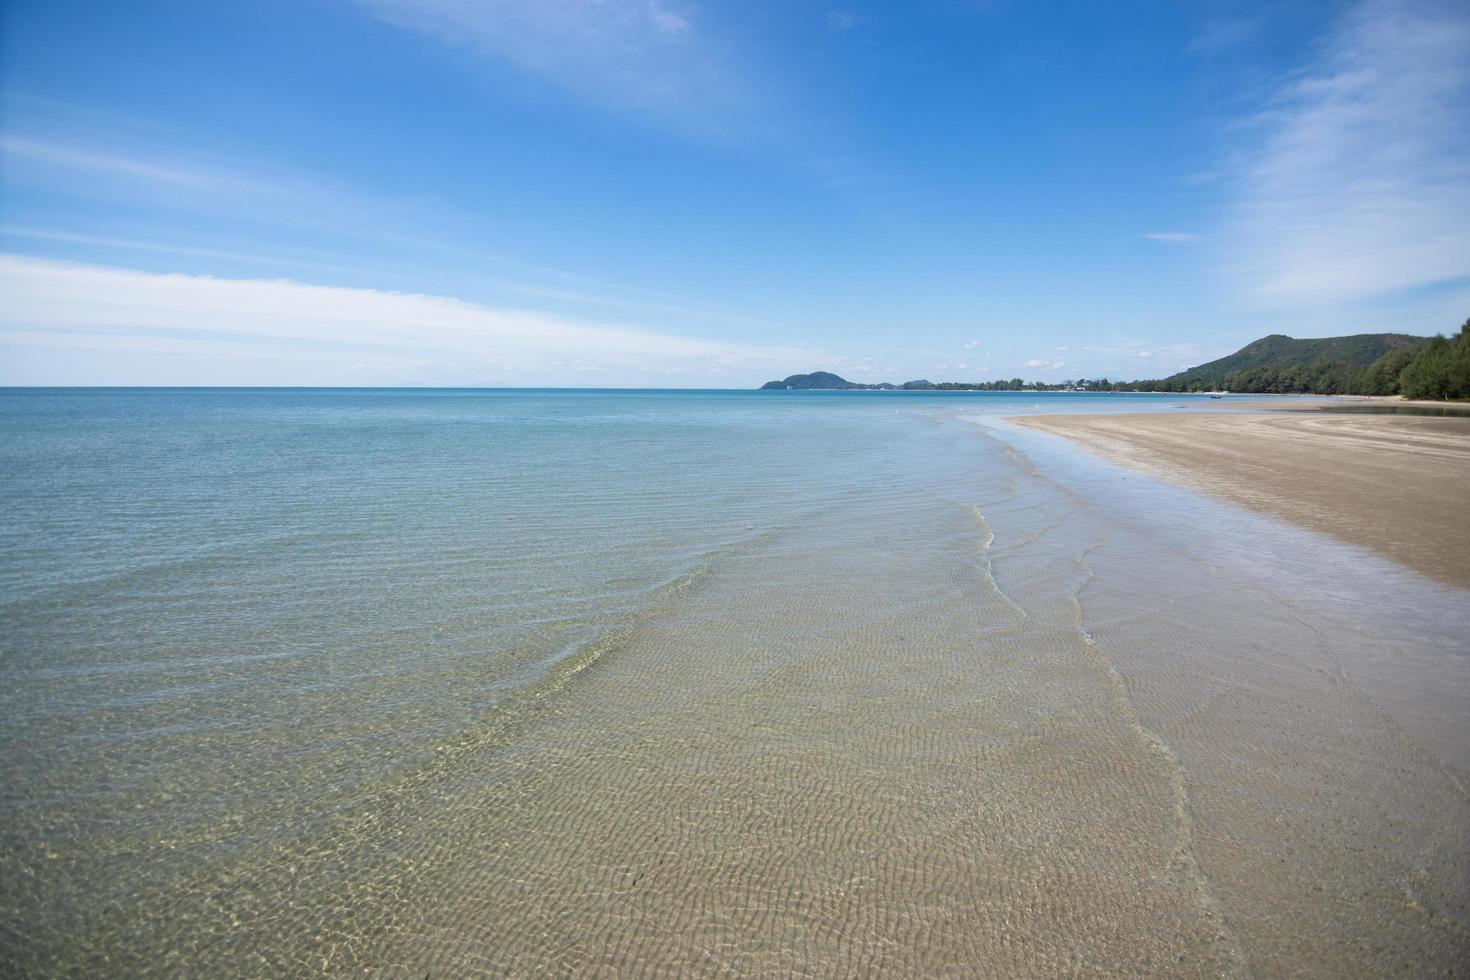 vue mer depuis la plage photo